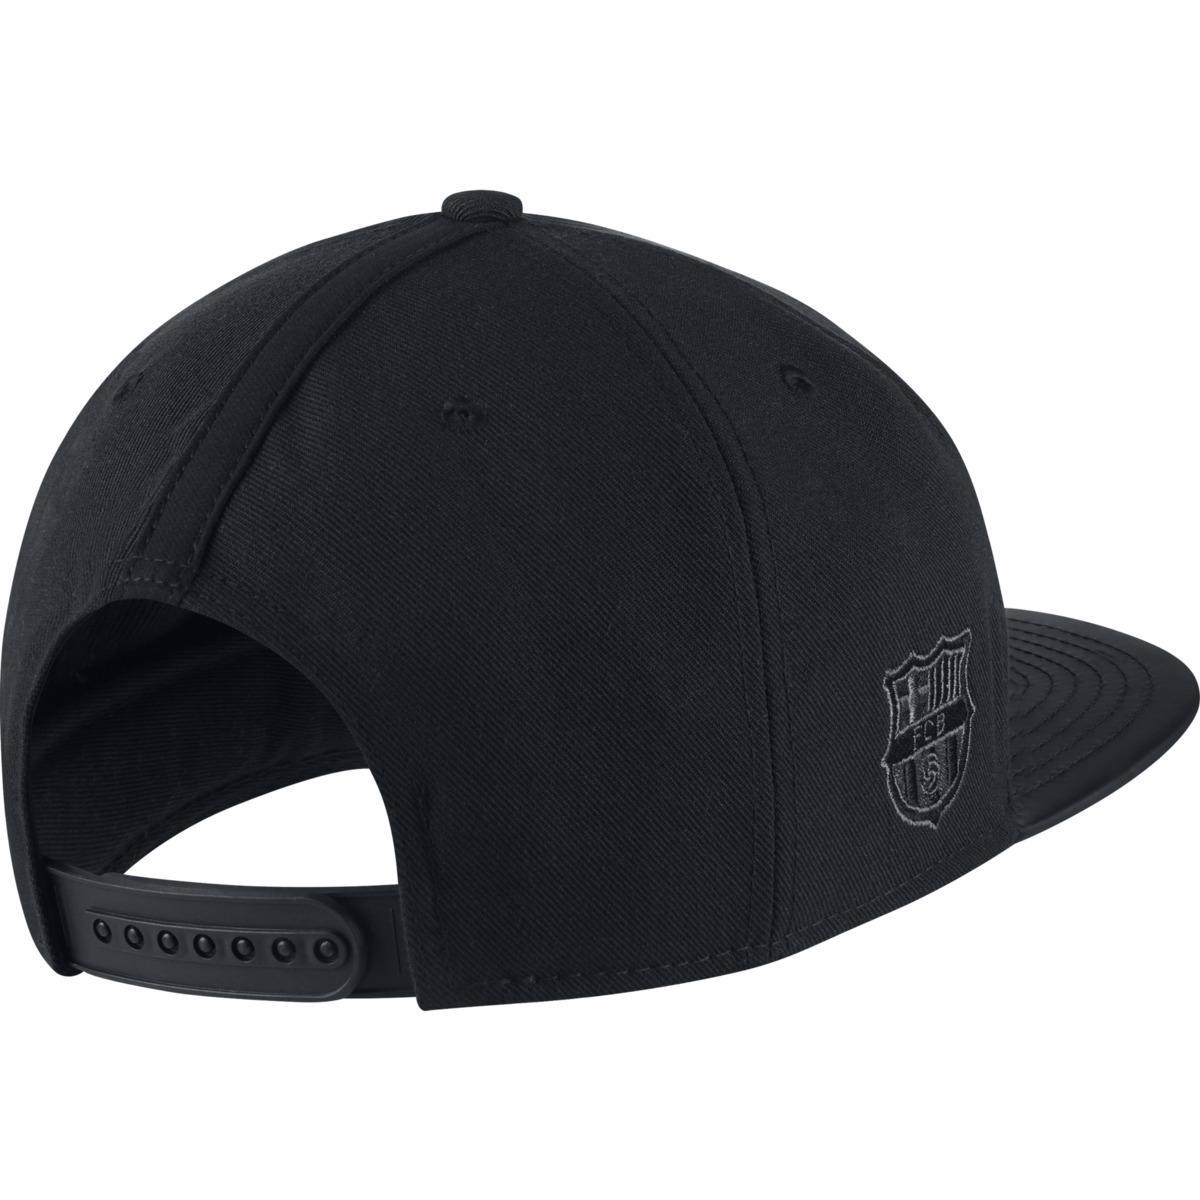 Lyst - Nike Fc Barcelona Pro Pride Cap in Black for Men efbd8c615dc6